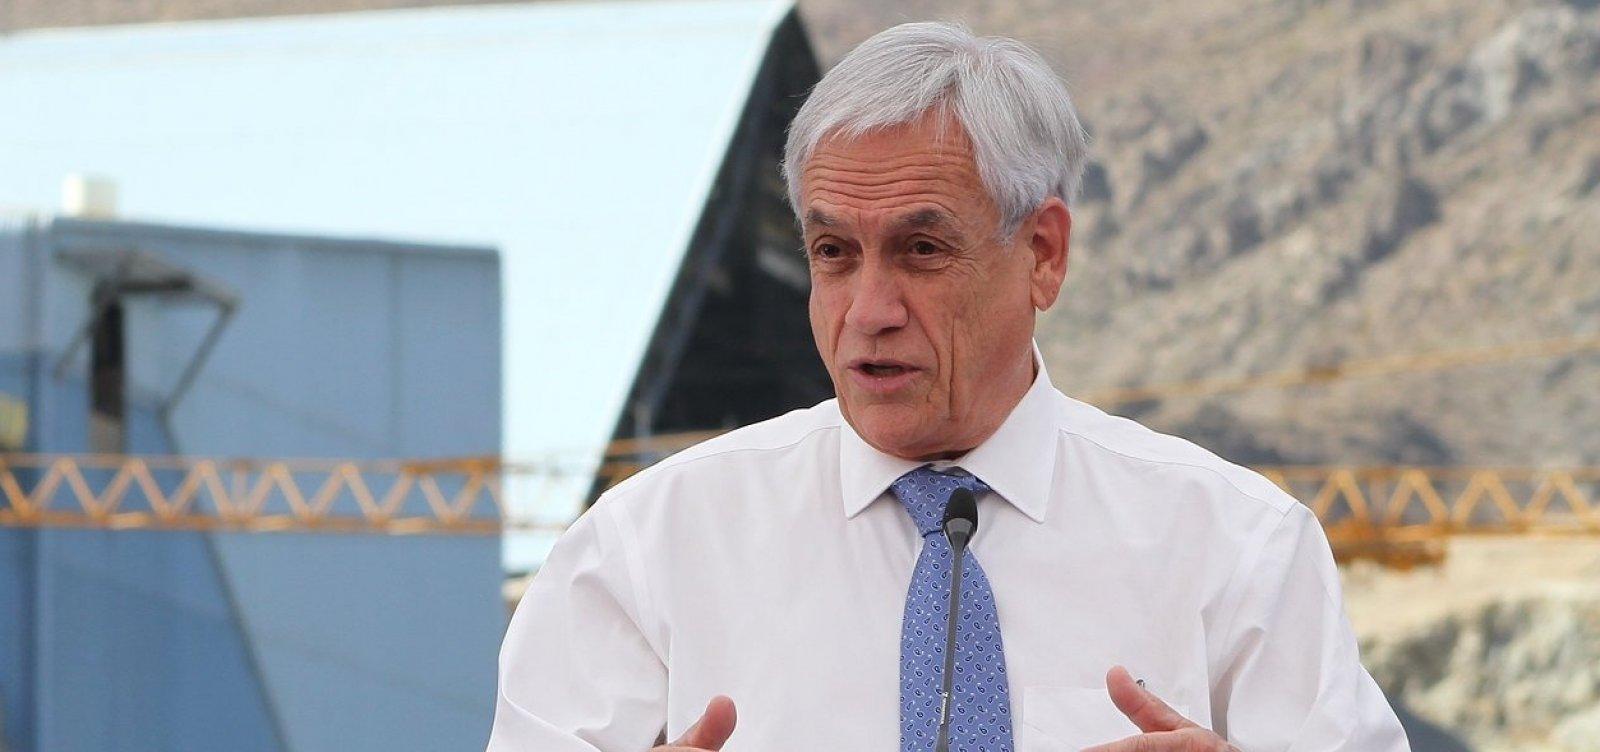 [Com persistência de protestos no Chile, Piñera endurece repressão]